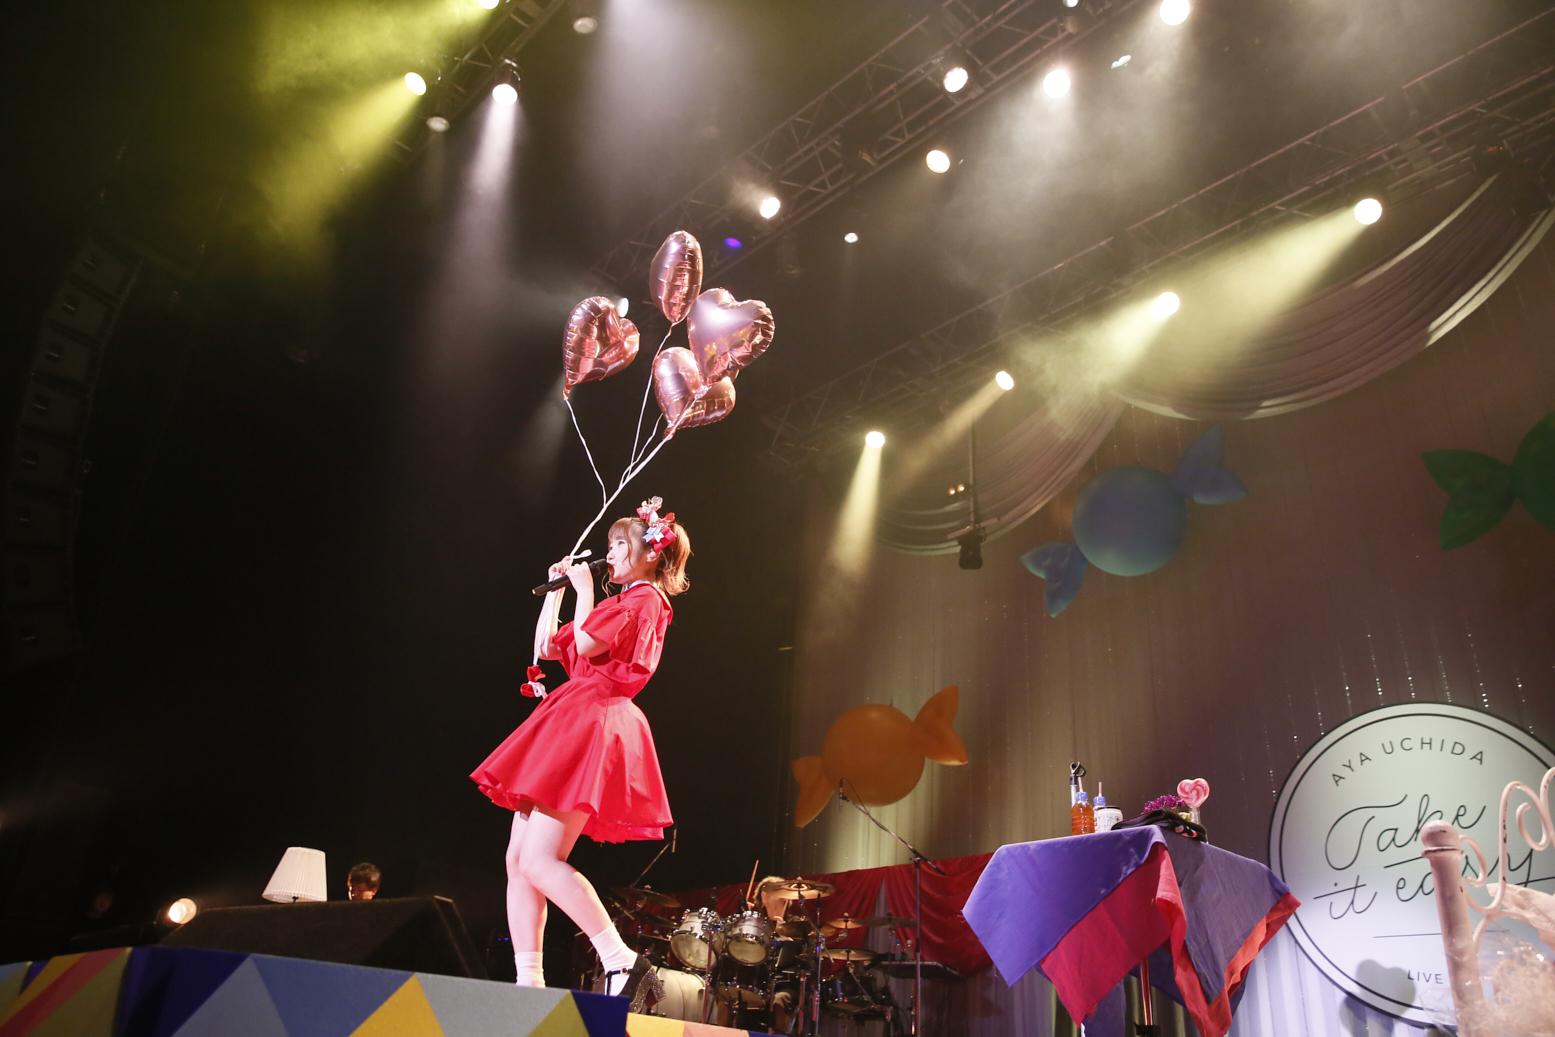 声優・内田彩さんの3rdシングルより、「Sign」(『五等分の花嫁』EDテーマ)と「Candy Flavor」のMV公開! ジャケ写、新アー写も解禁-2